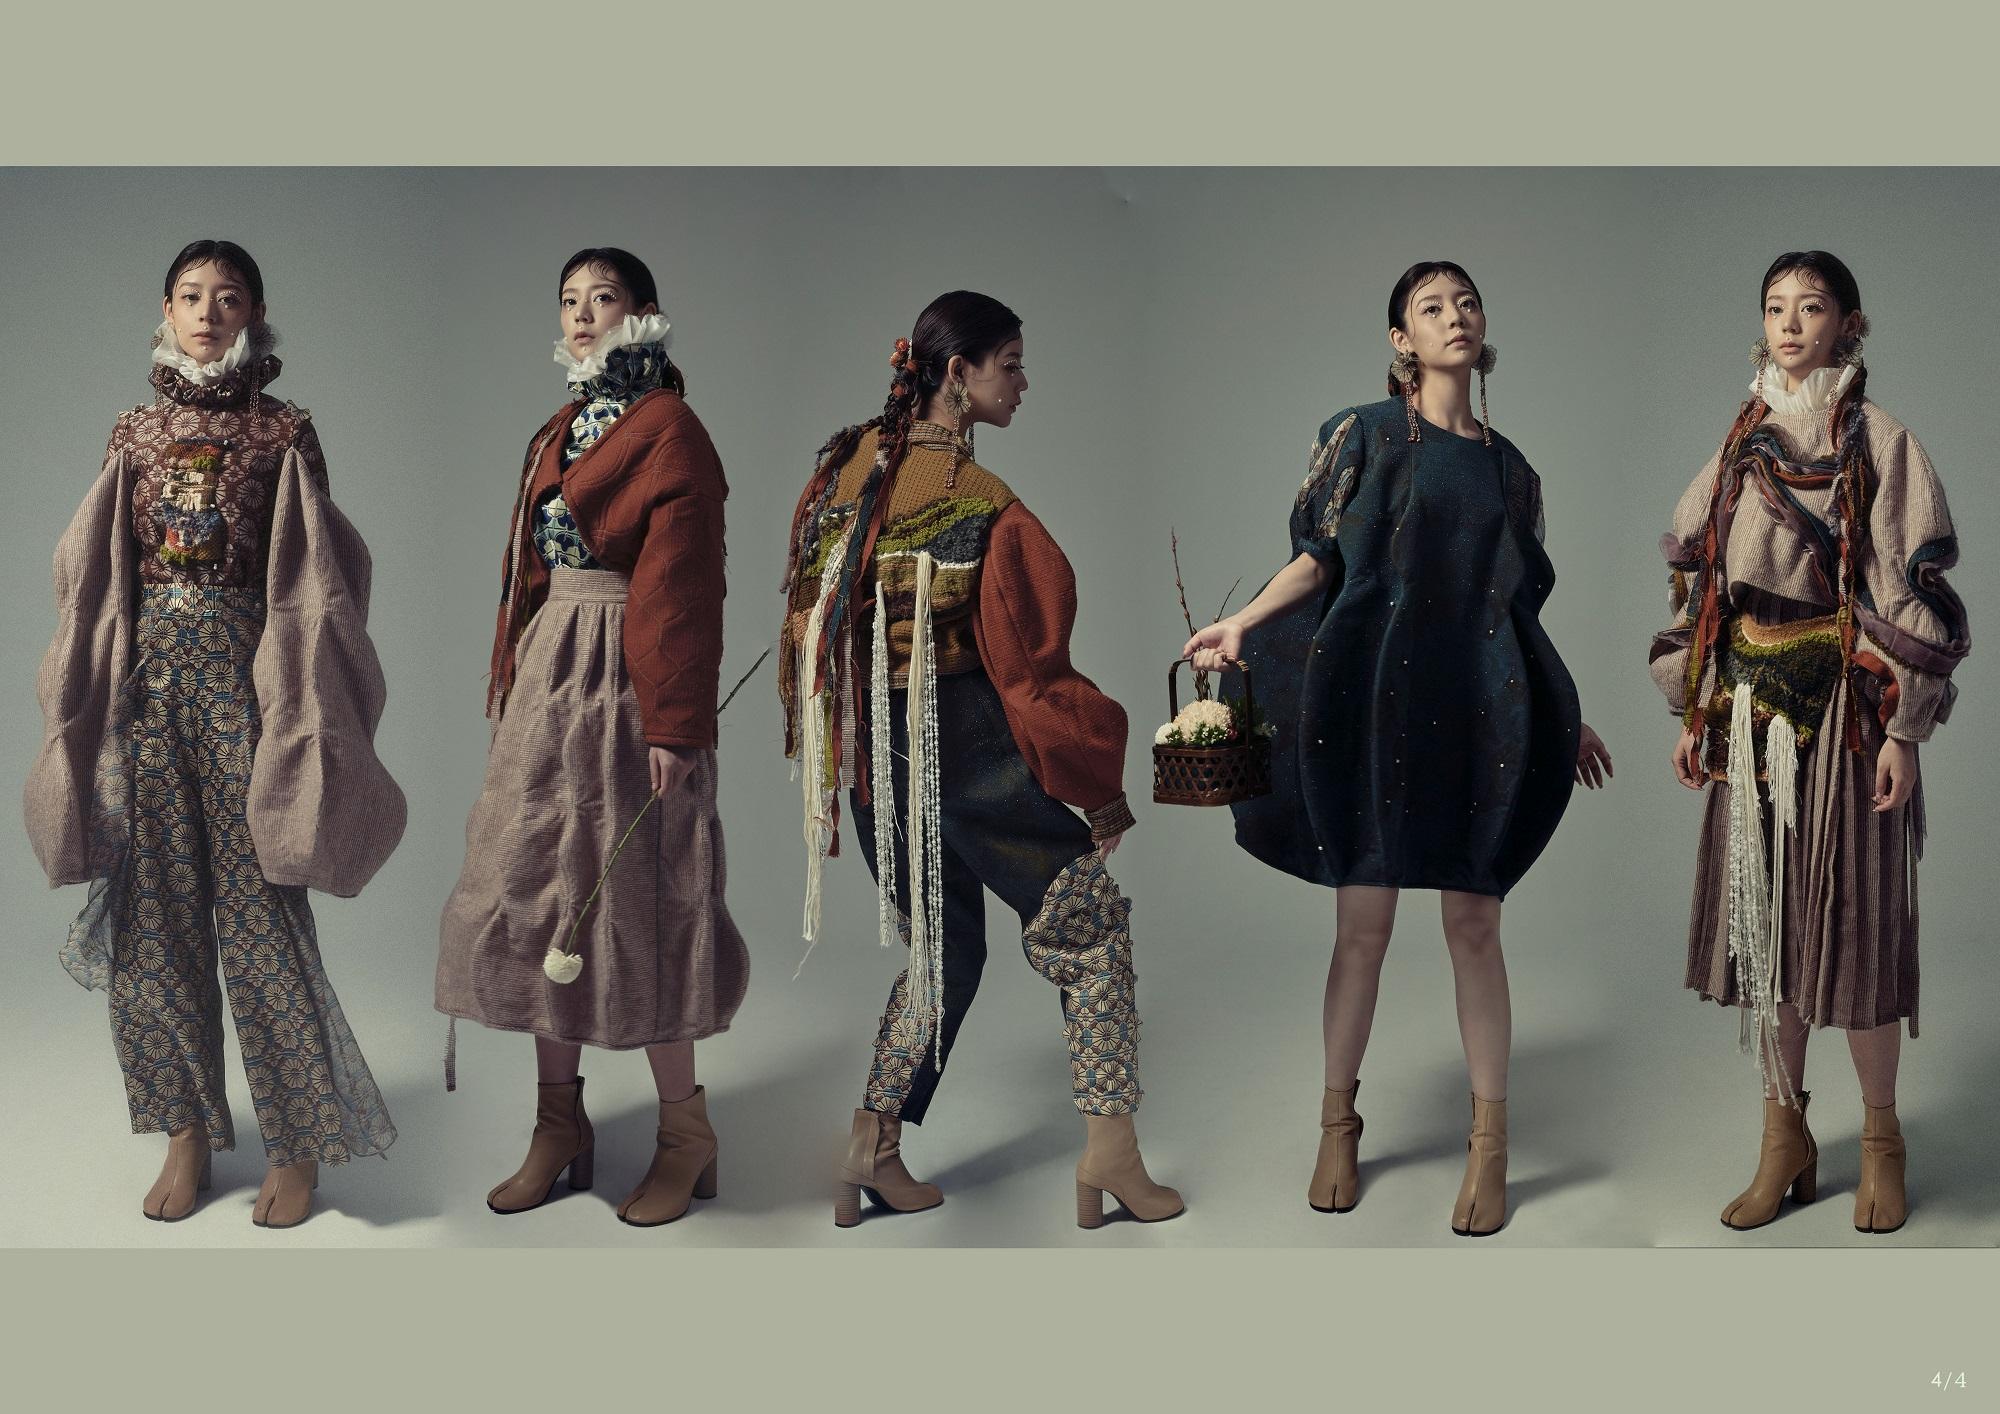 時尚設計類入圍作品:瑞芳囡仔(嶺東科技大學服飾設計系)